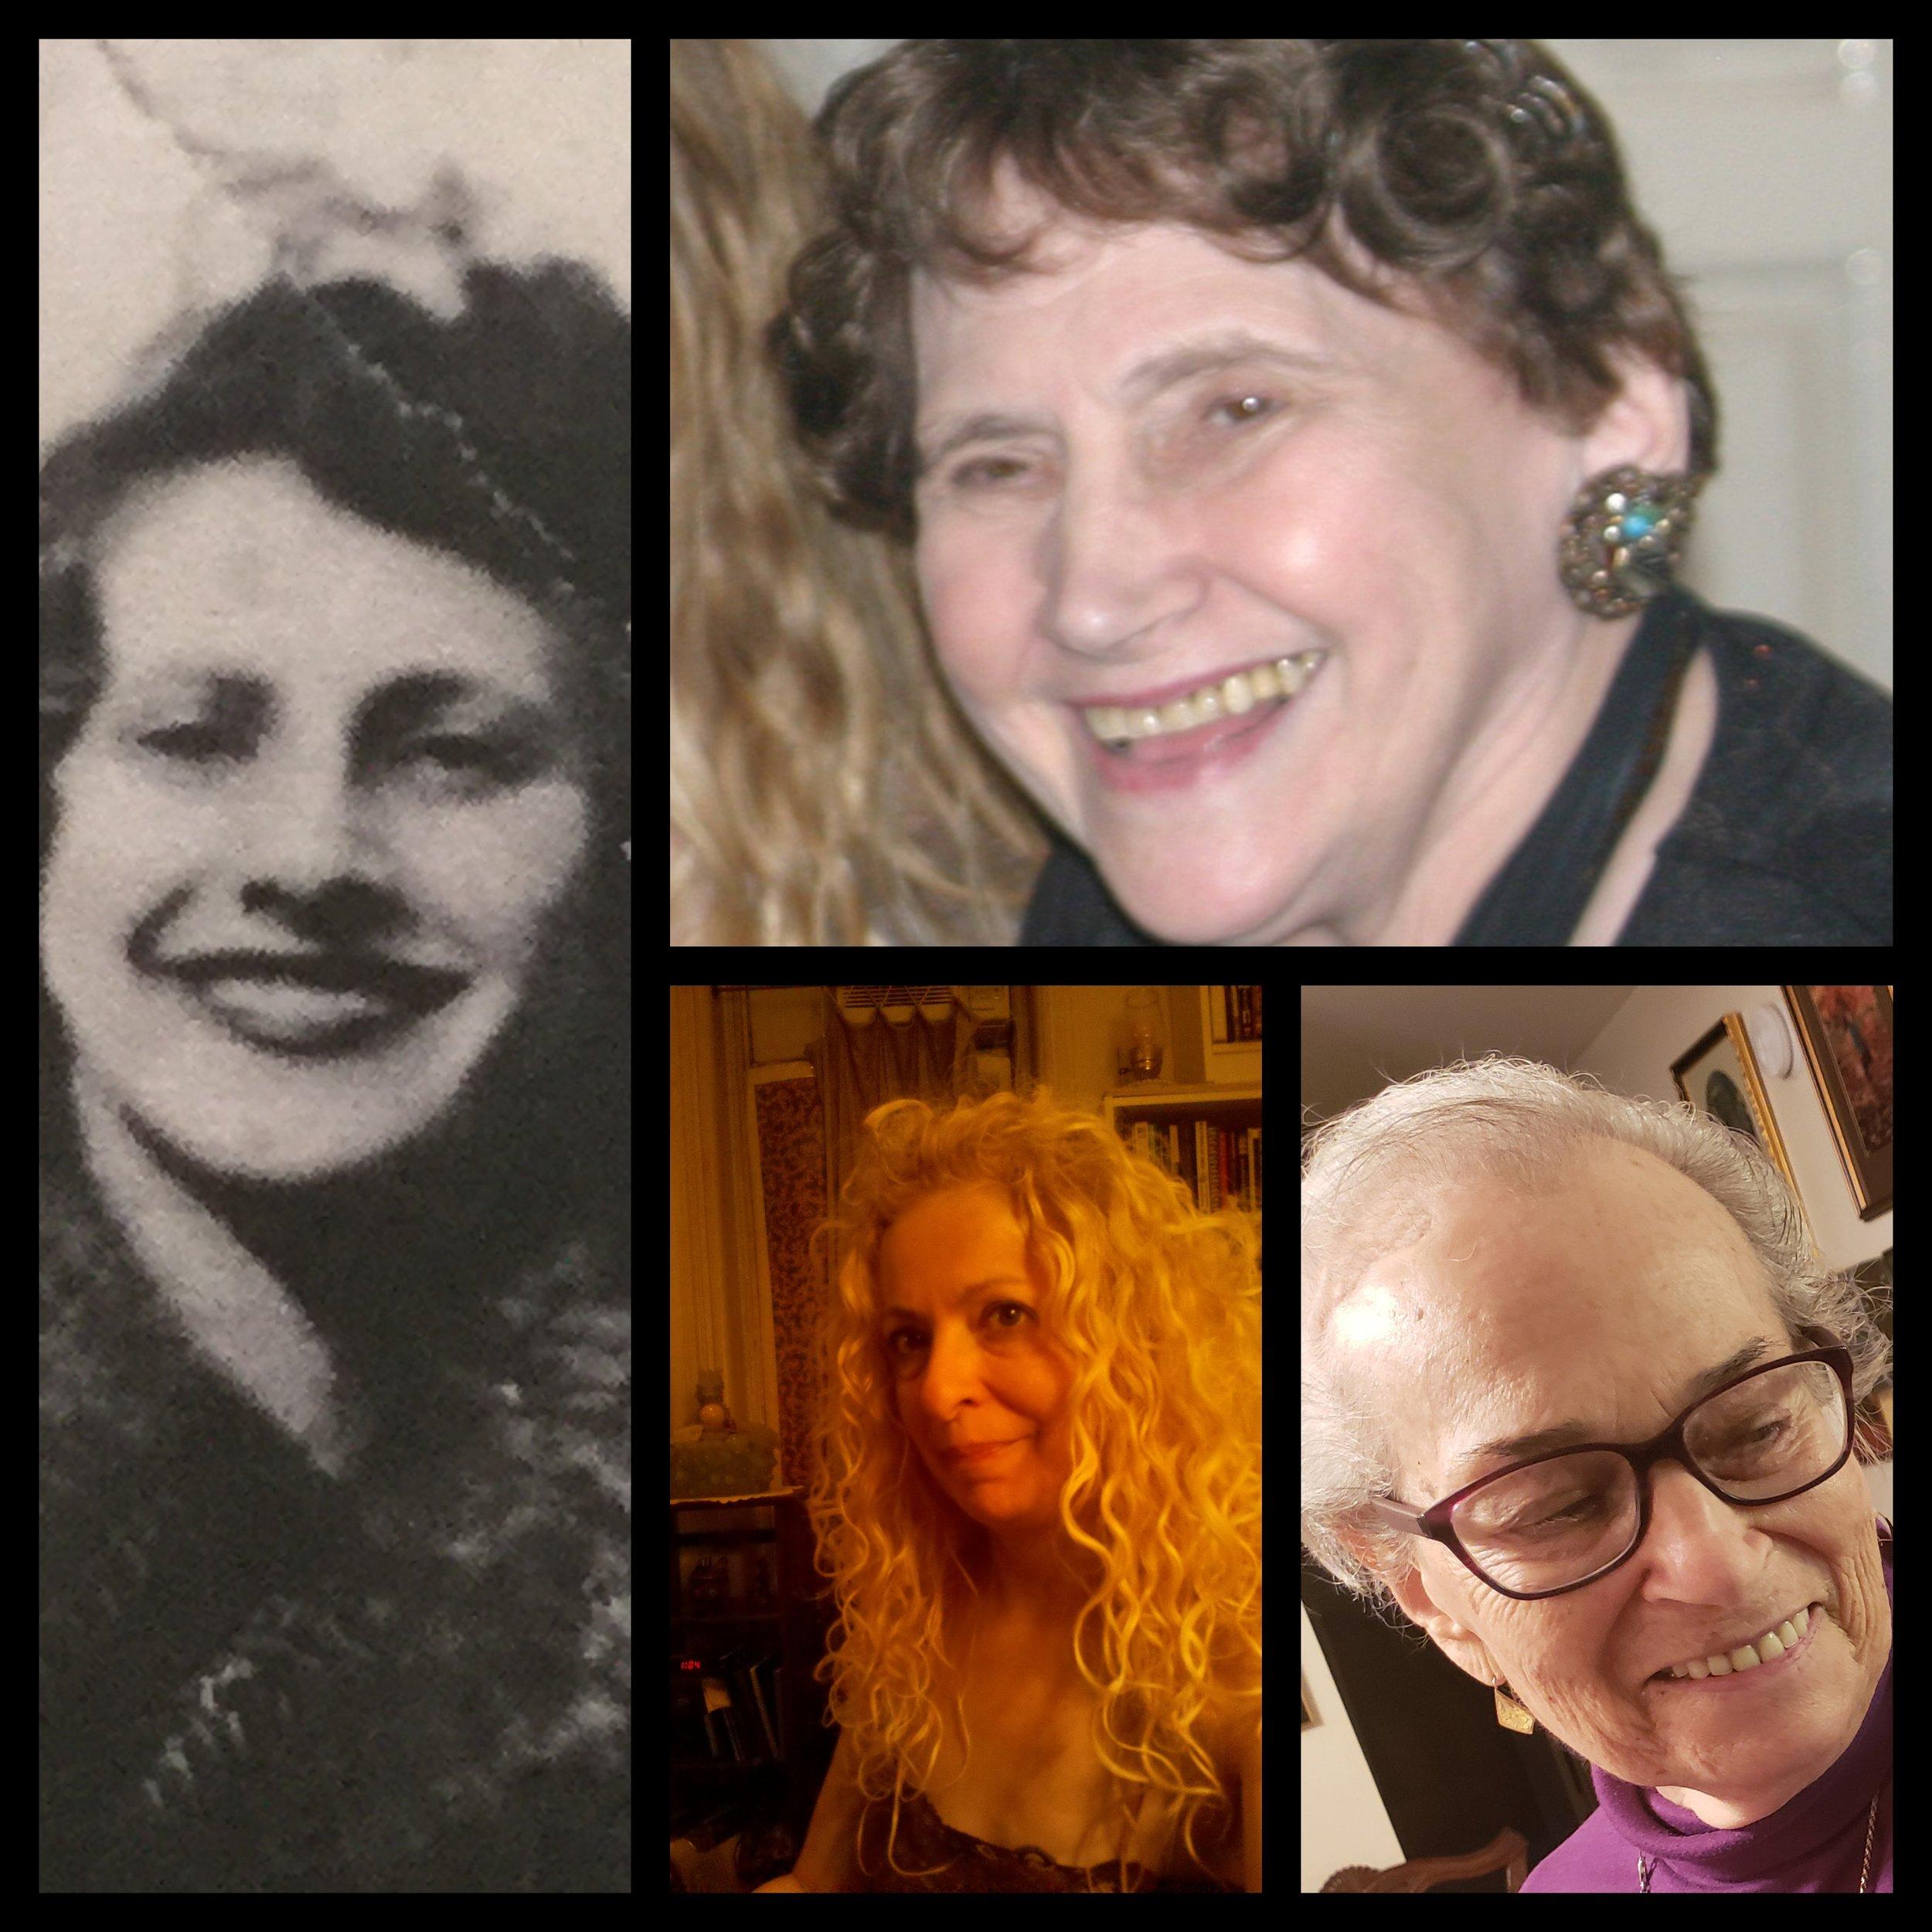 Left and Top: Troim Katz Handler, Bottom Left: Shoshke-Rayzl Yuni, Bottom Right: Perl Krupit